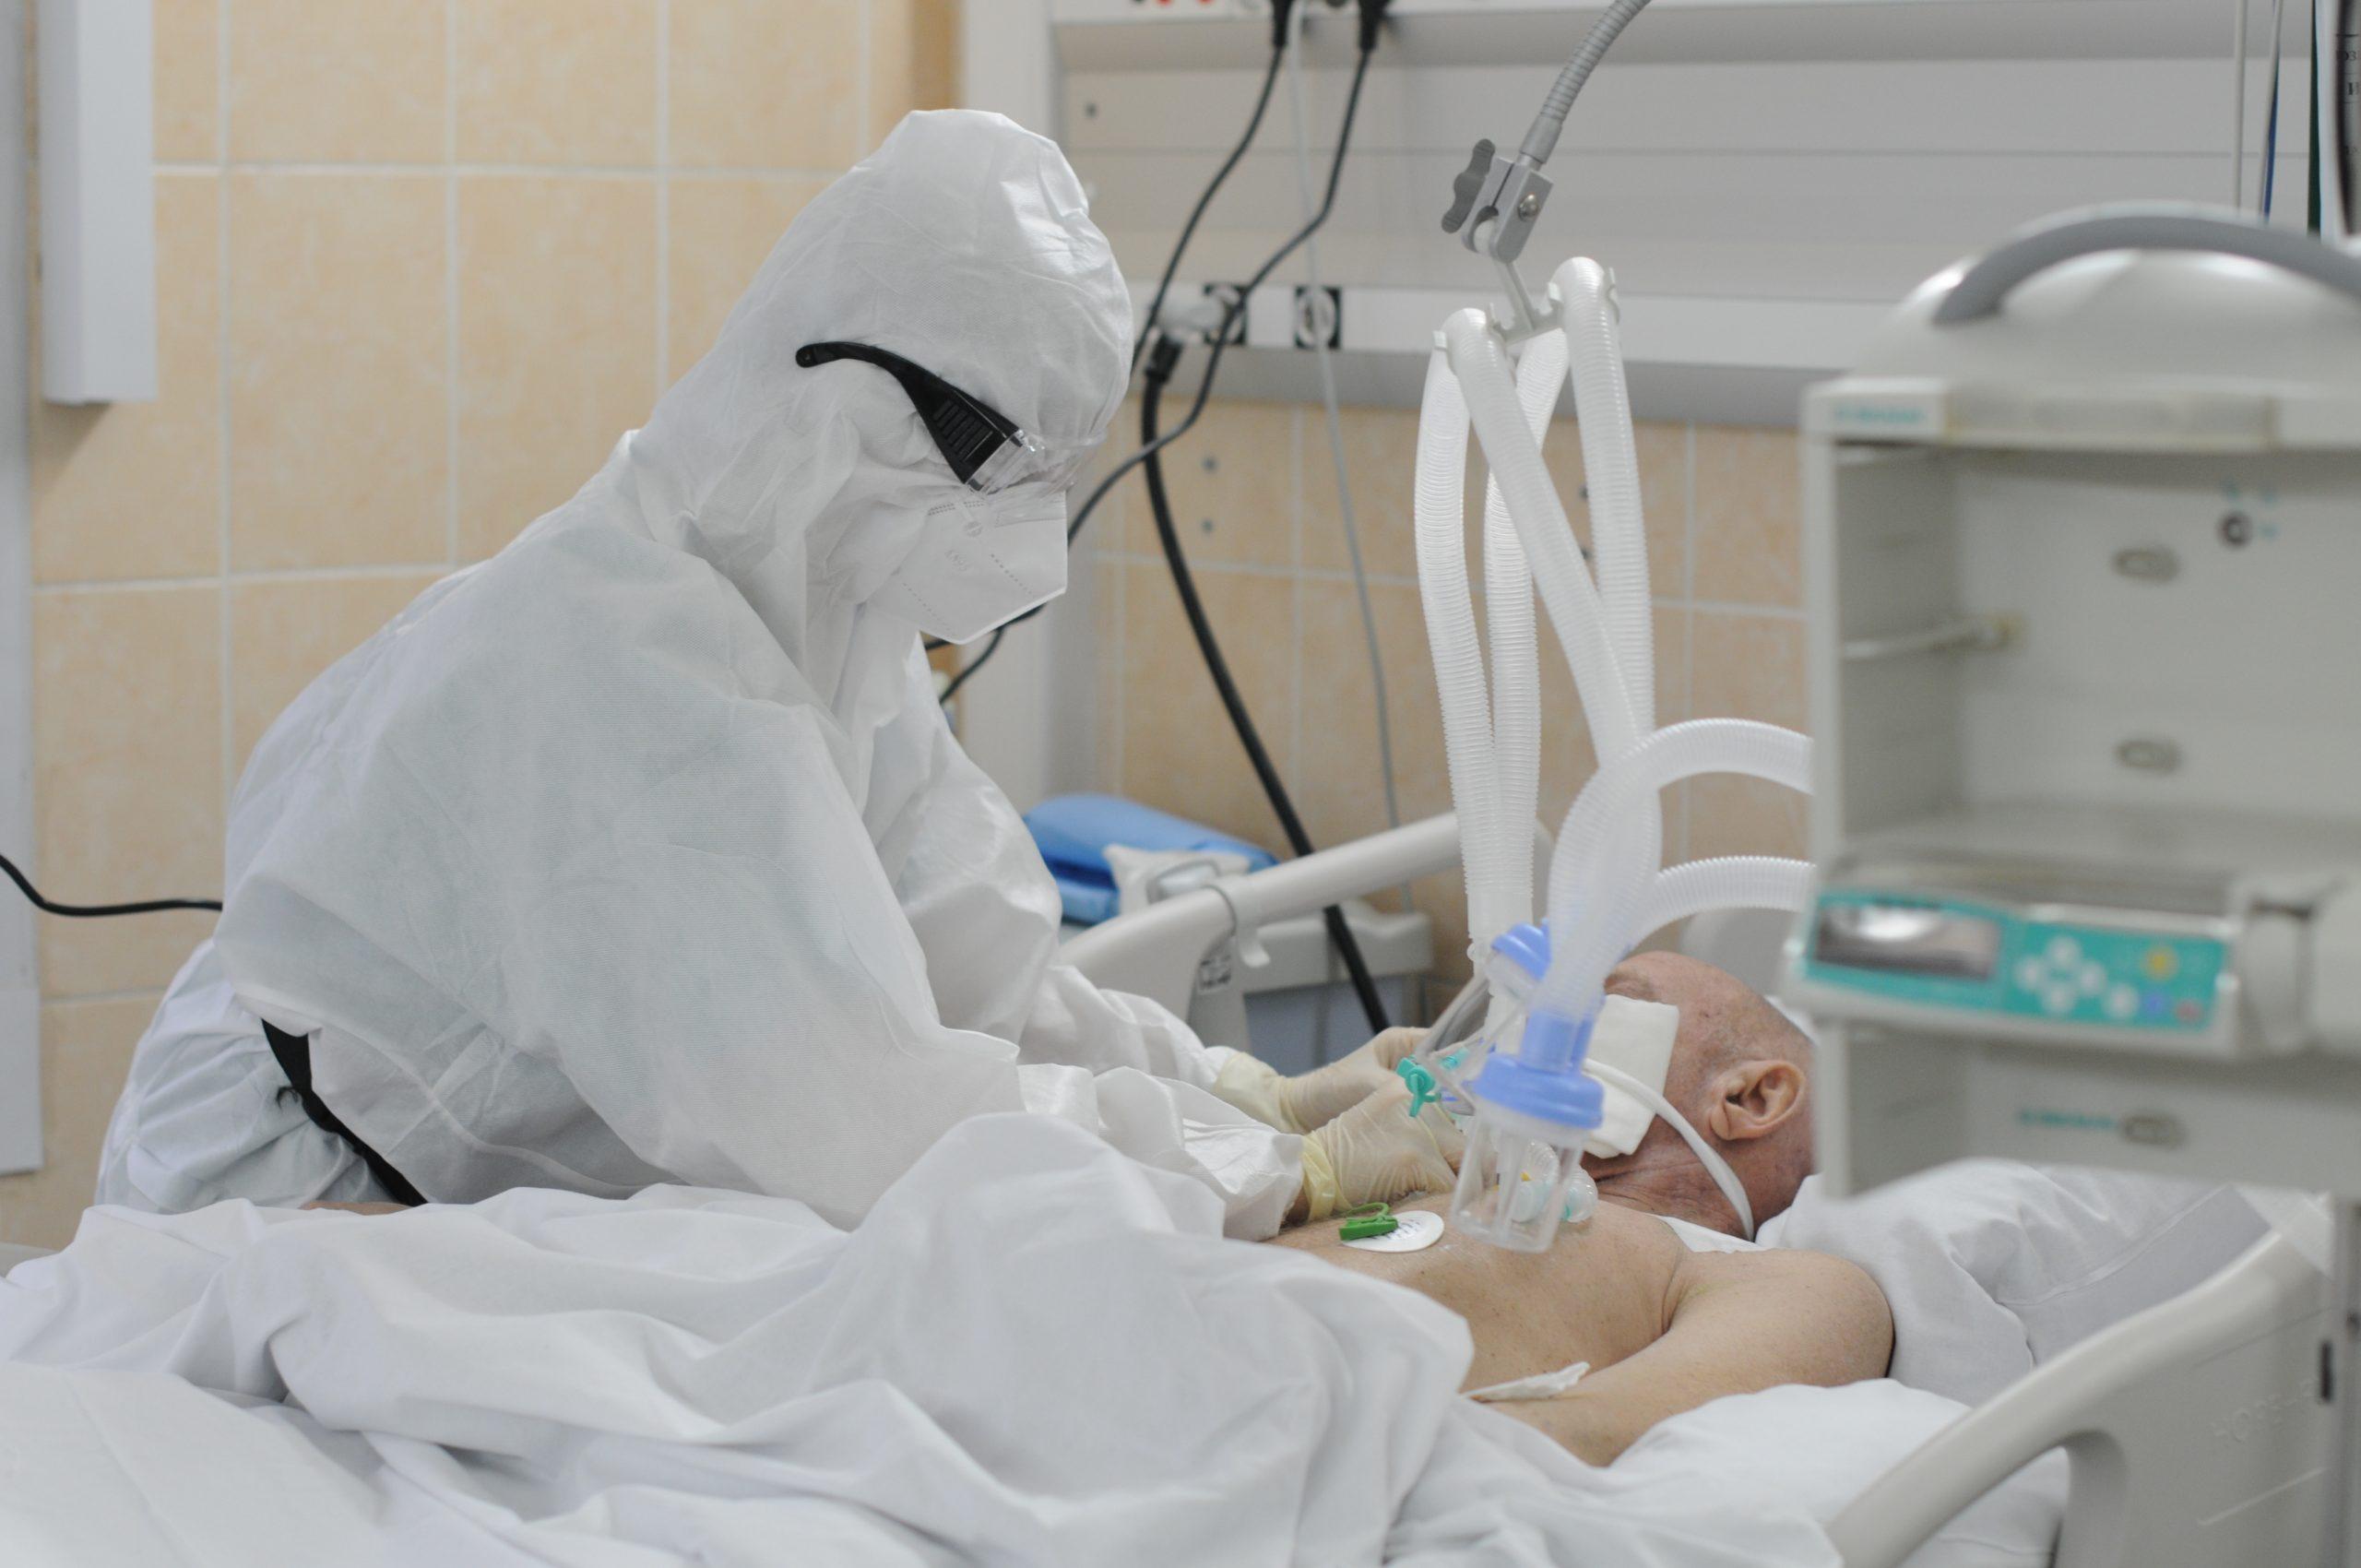 За 24 часа в Москве эксперты обнаружили 5 404 новых случая коронавирусной инфекции